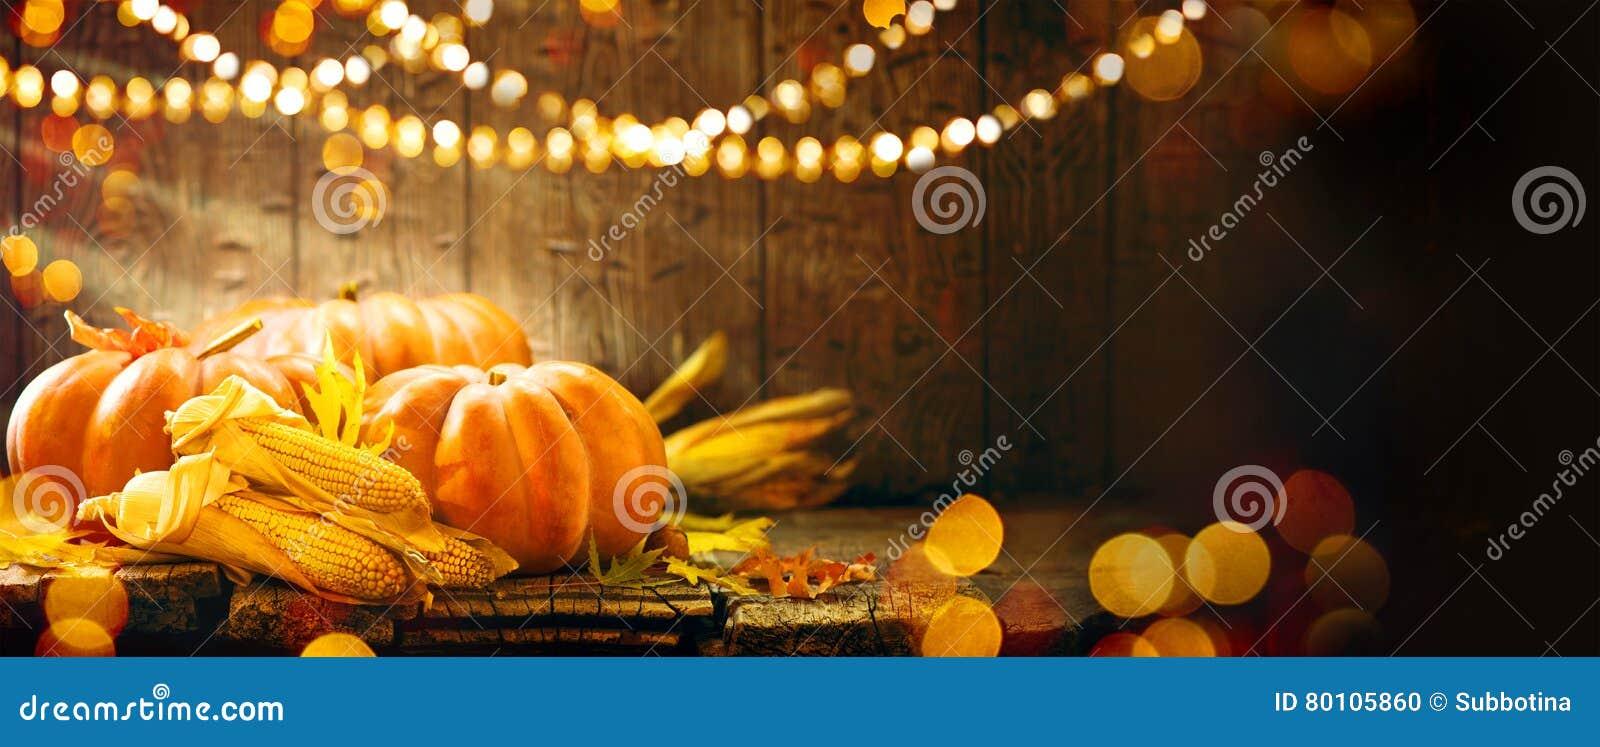 Calabazas de Autumn Thanksgiving sobre fondo de madera